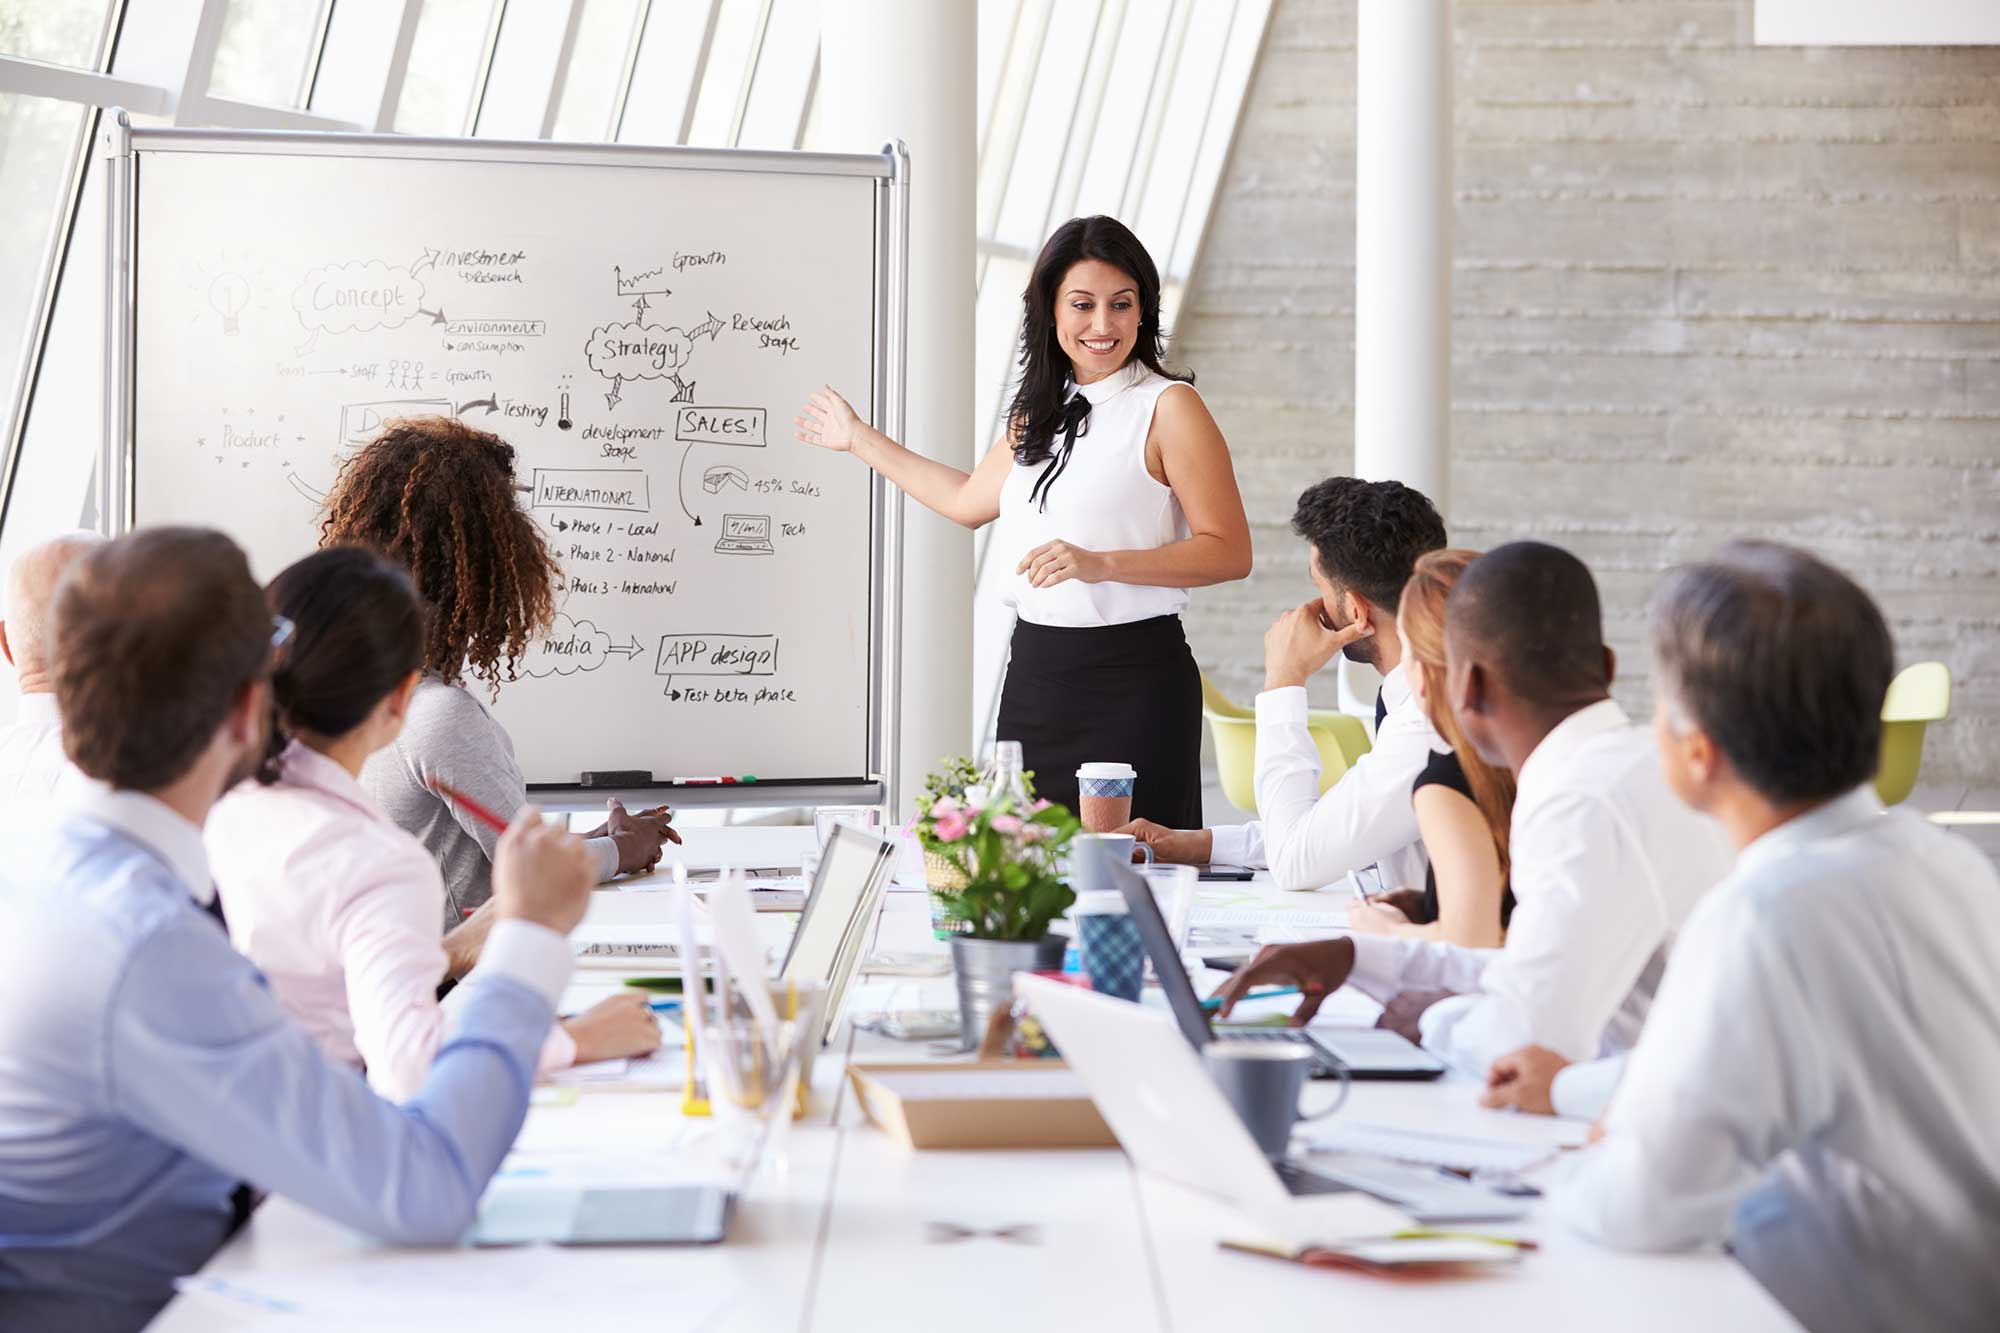 ¿Por qué buscar una mentora?